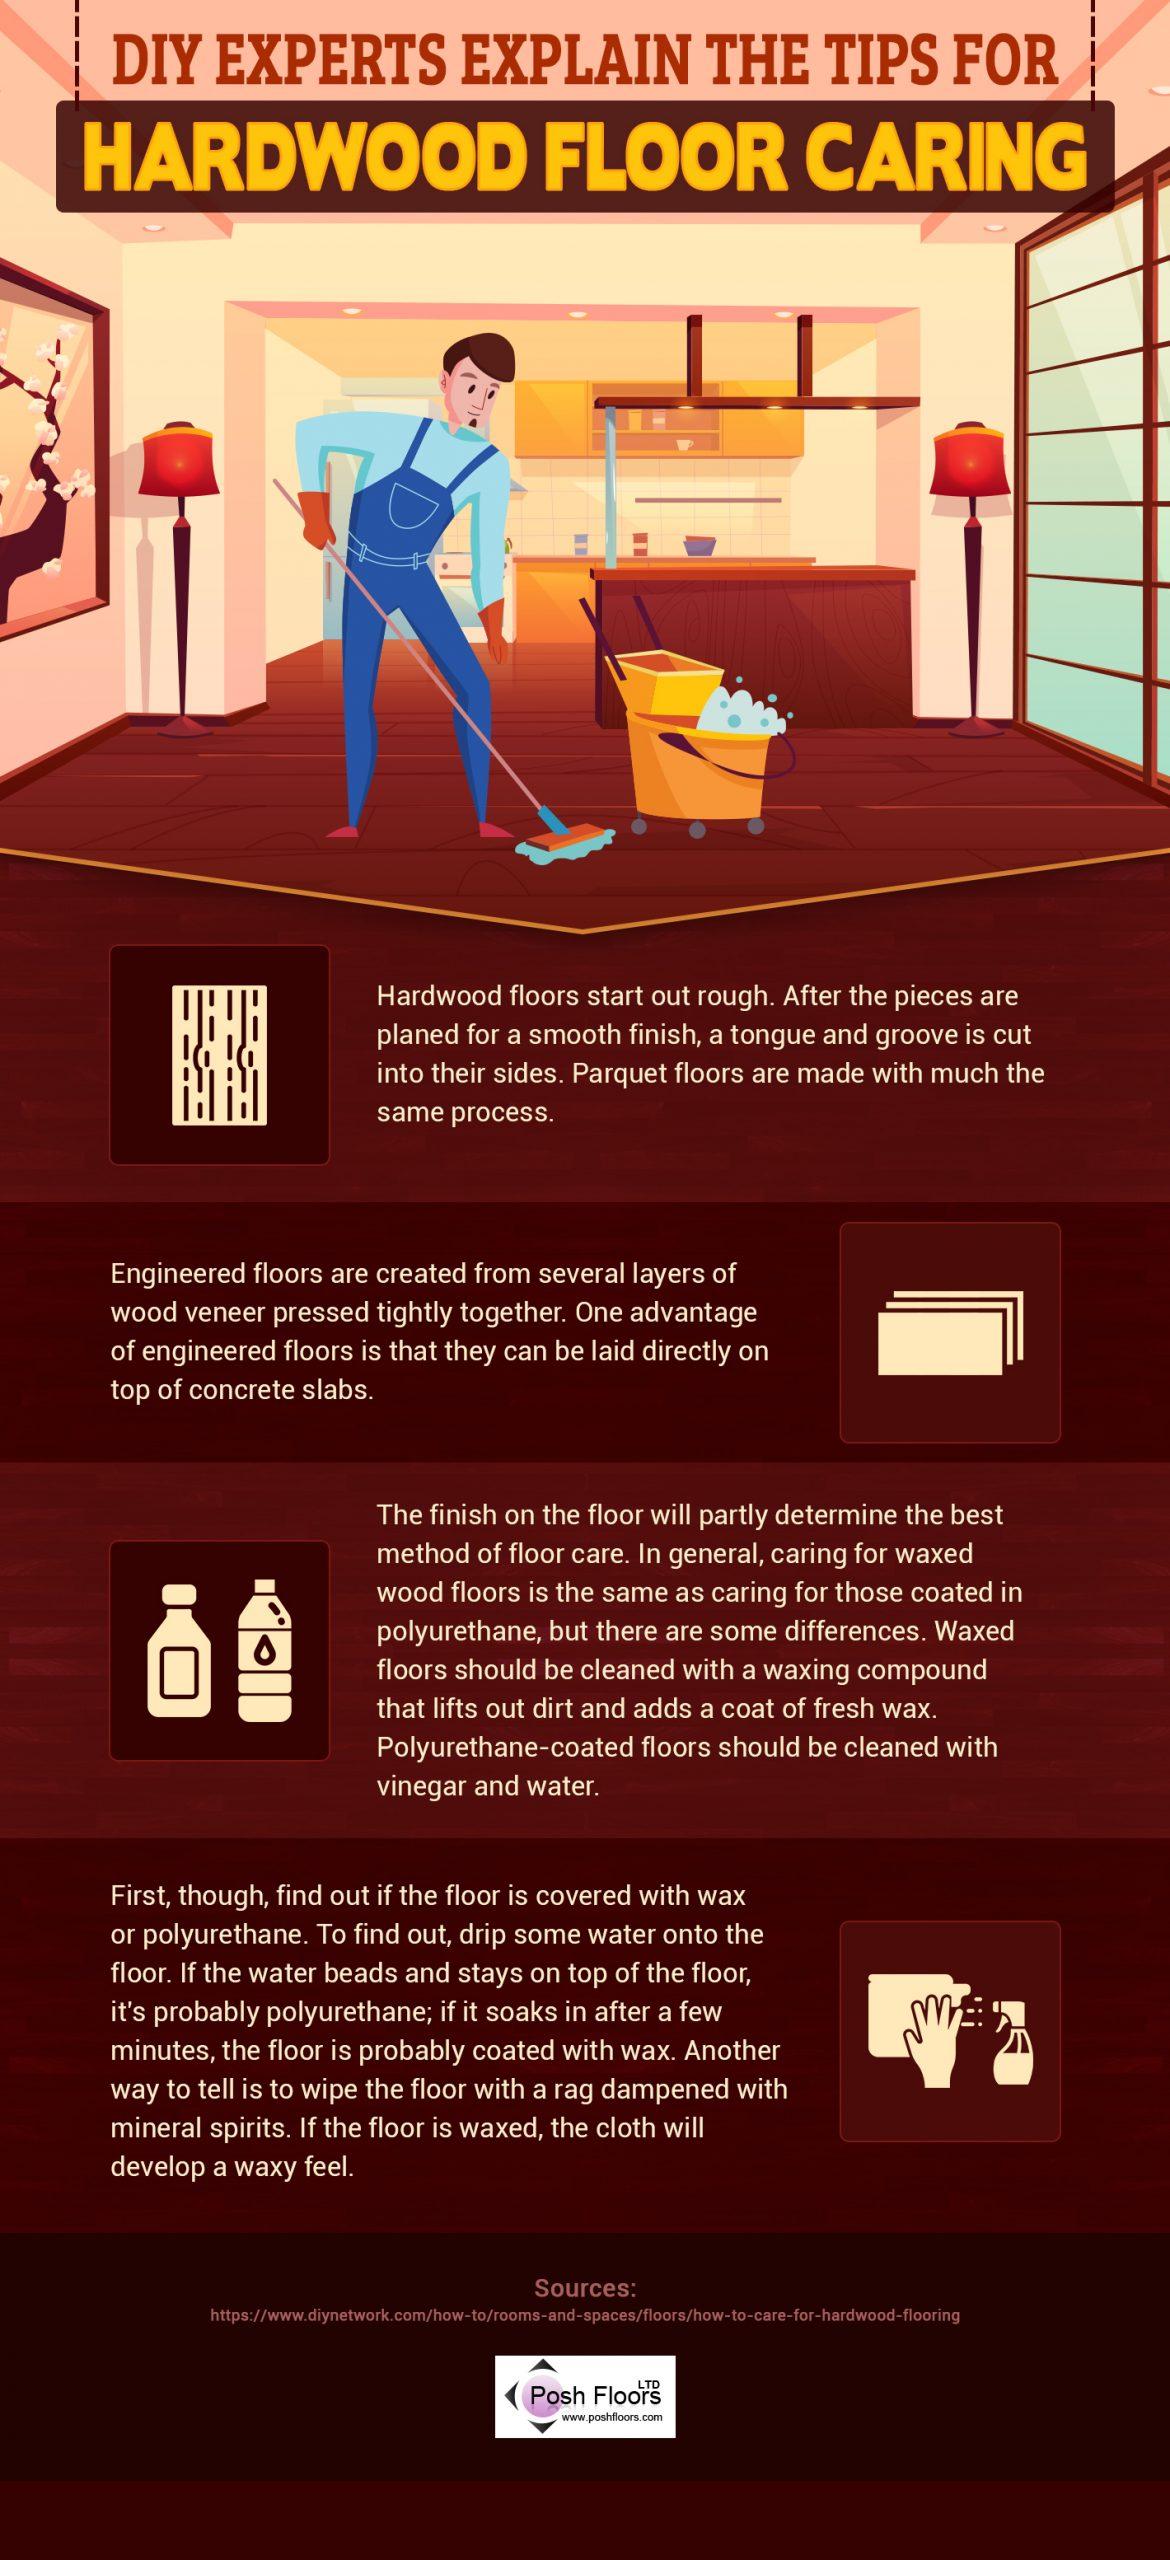 Hardwood Floor Caring